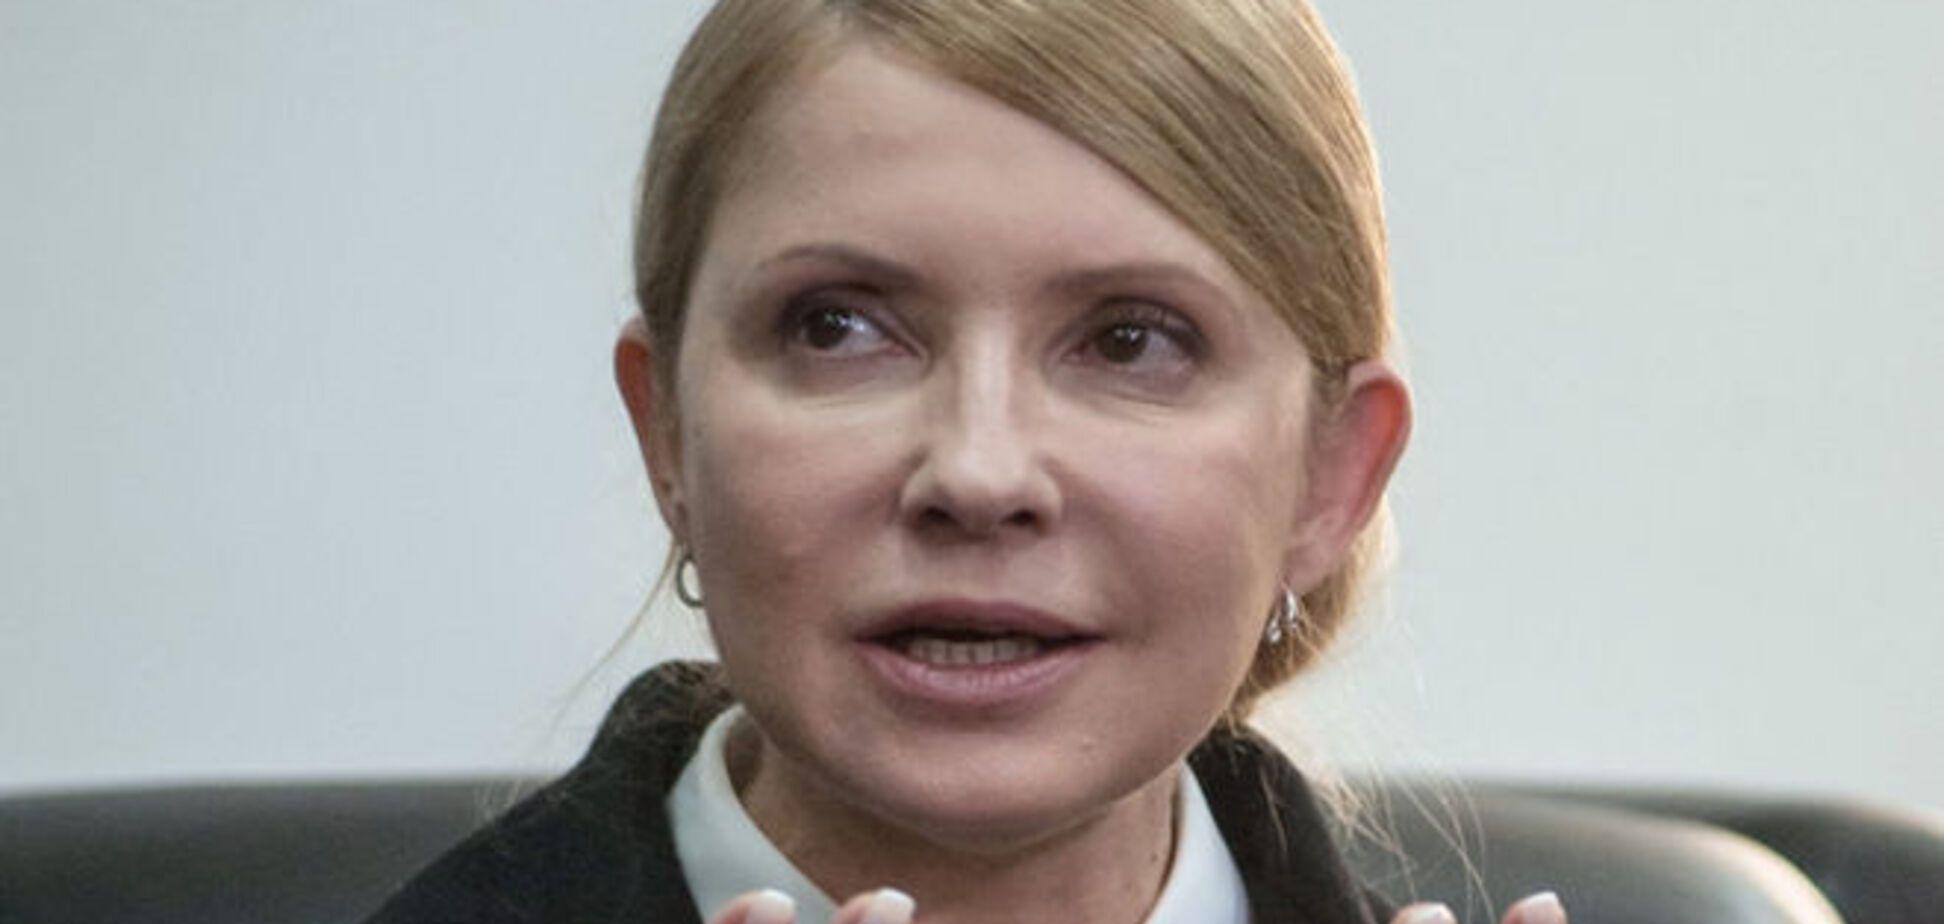 Материалы по уголовным делам против Тимошенко нашлись в Печерском райотделении МВД